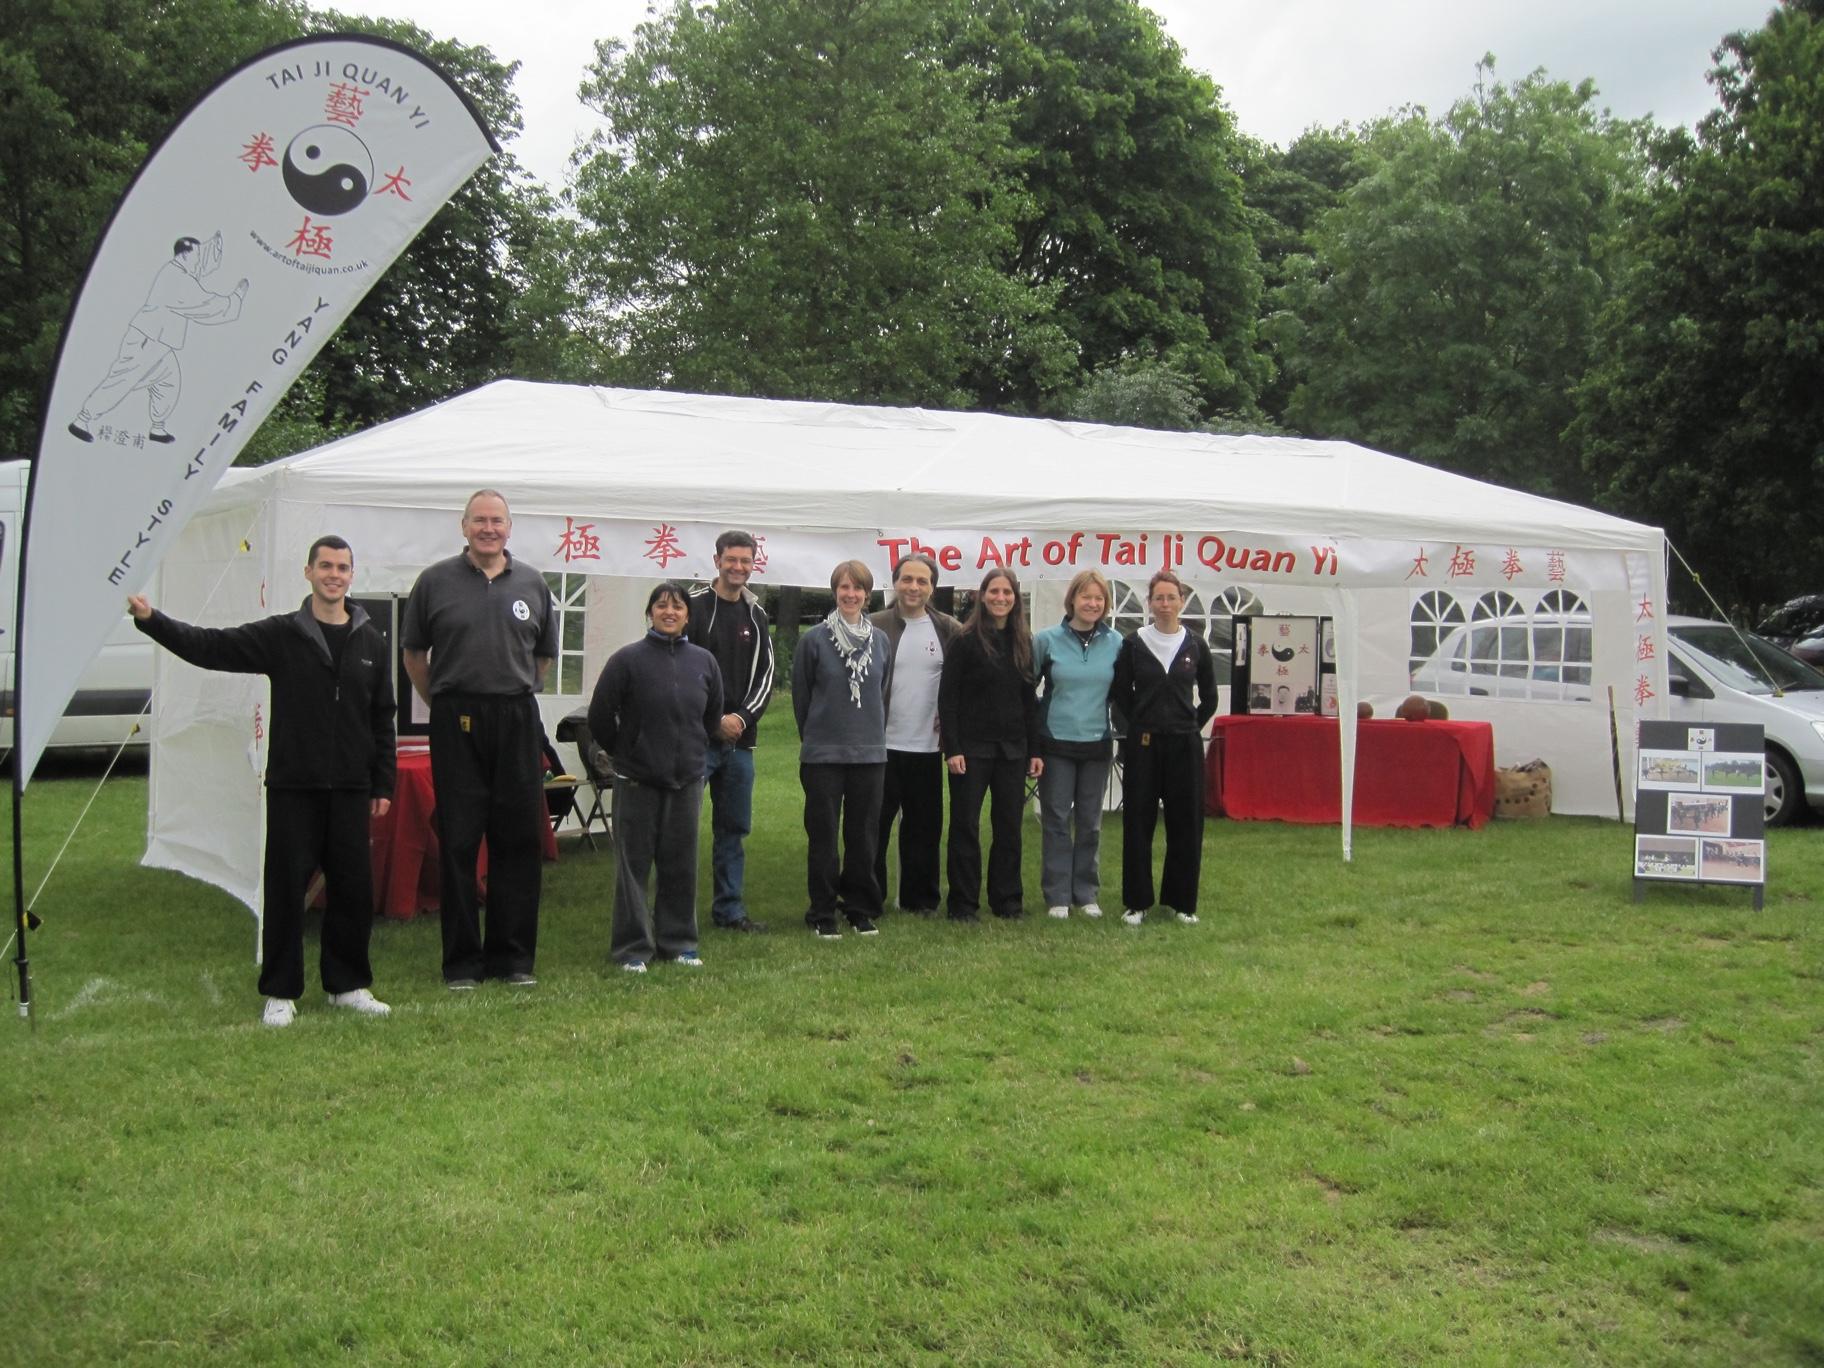 Bishop's Stortford Festival